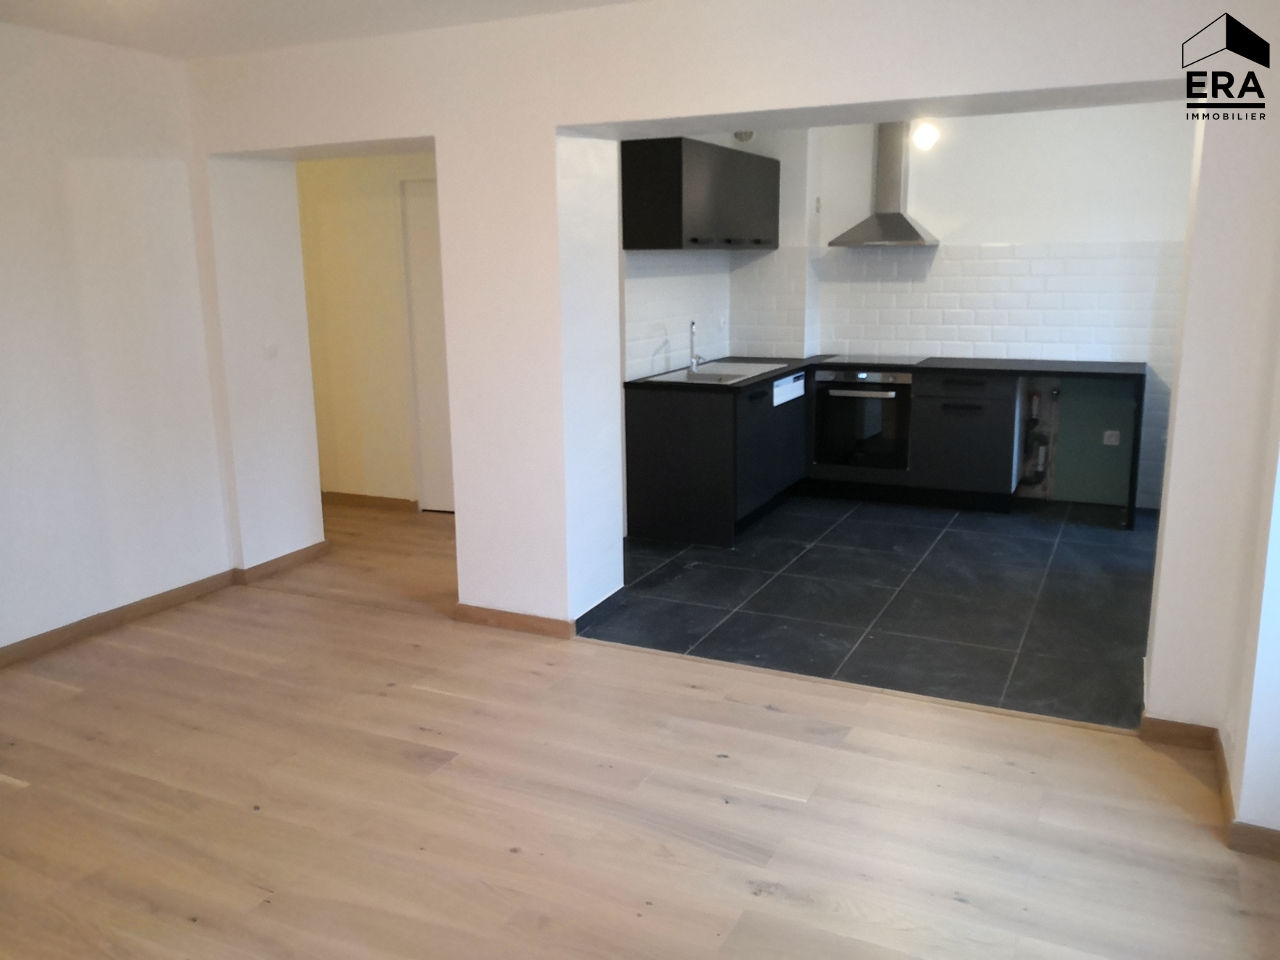 Vente appartement T4  à ASCAIN - 1